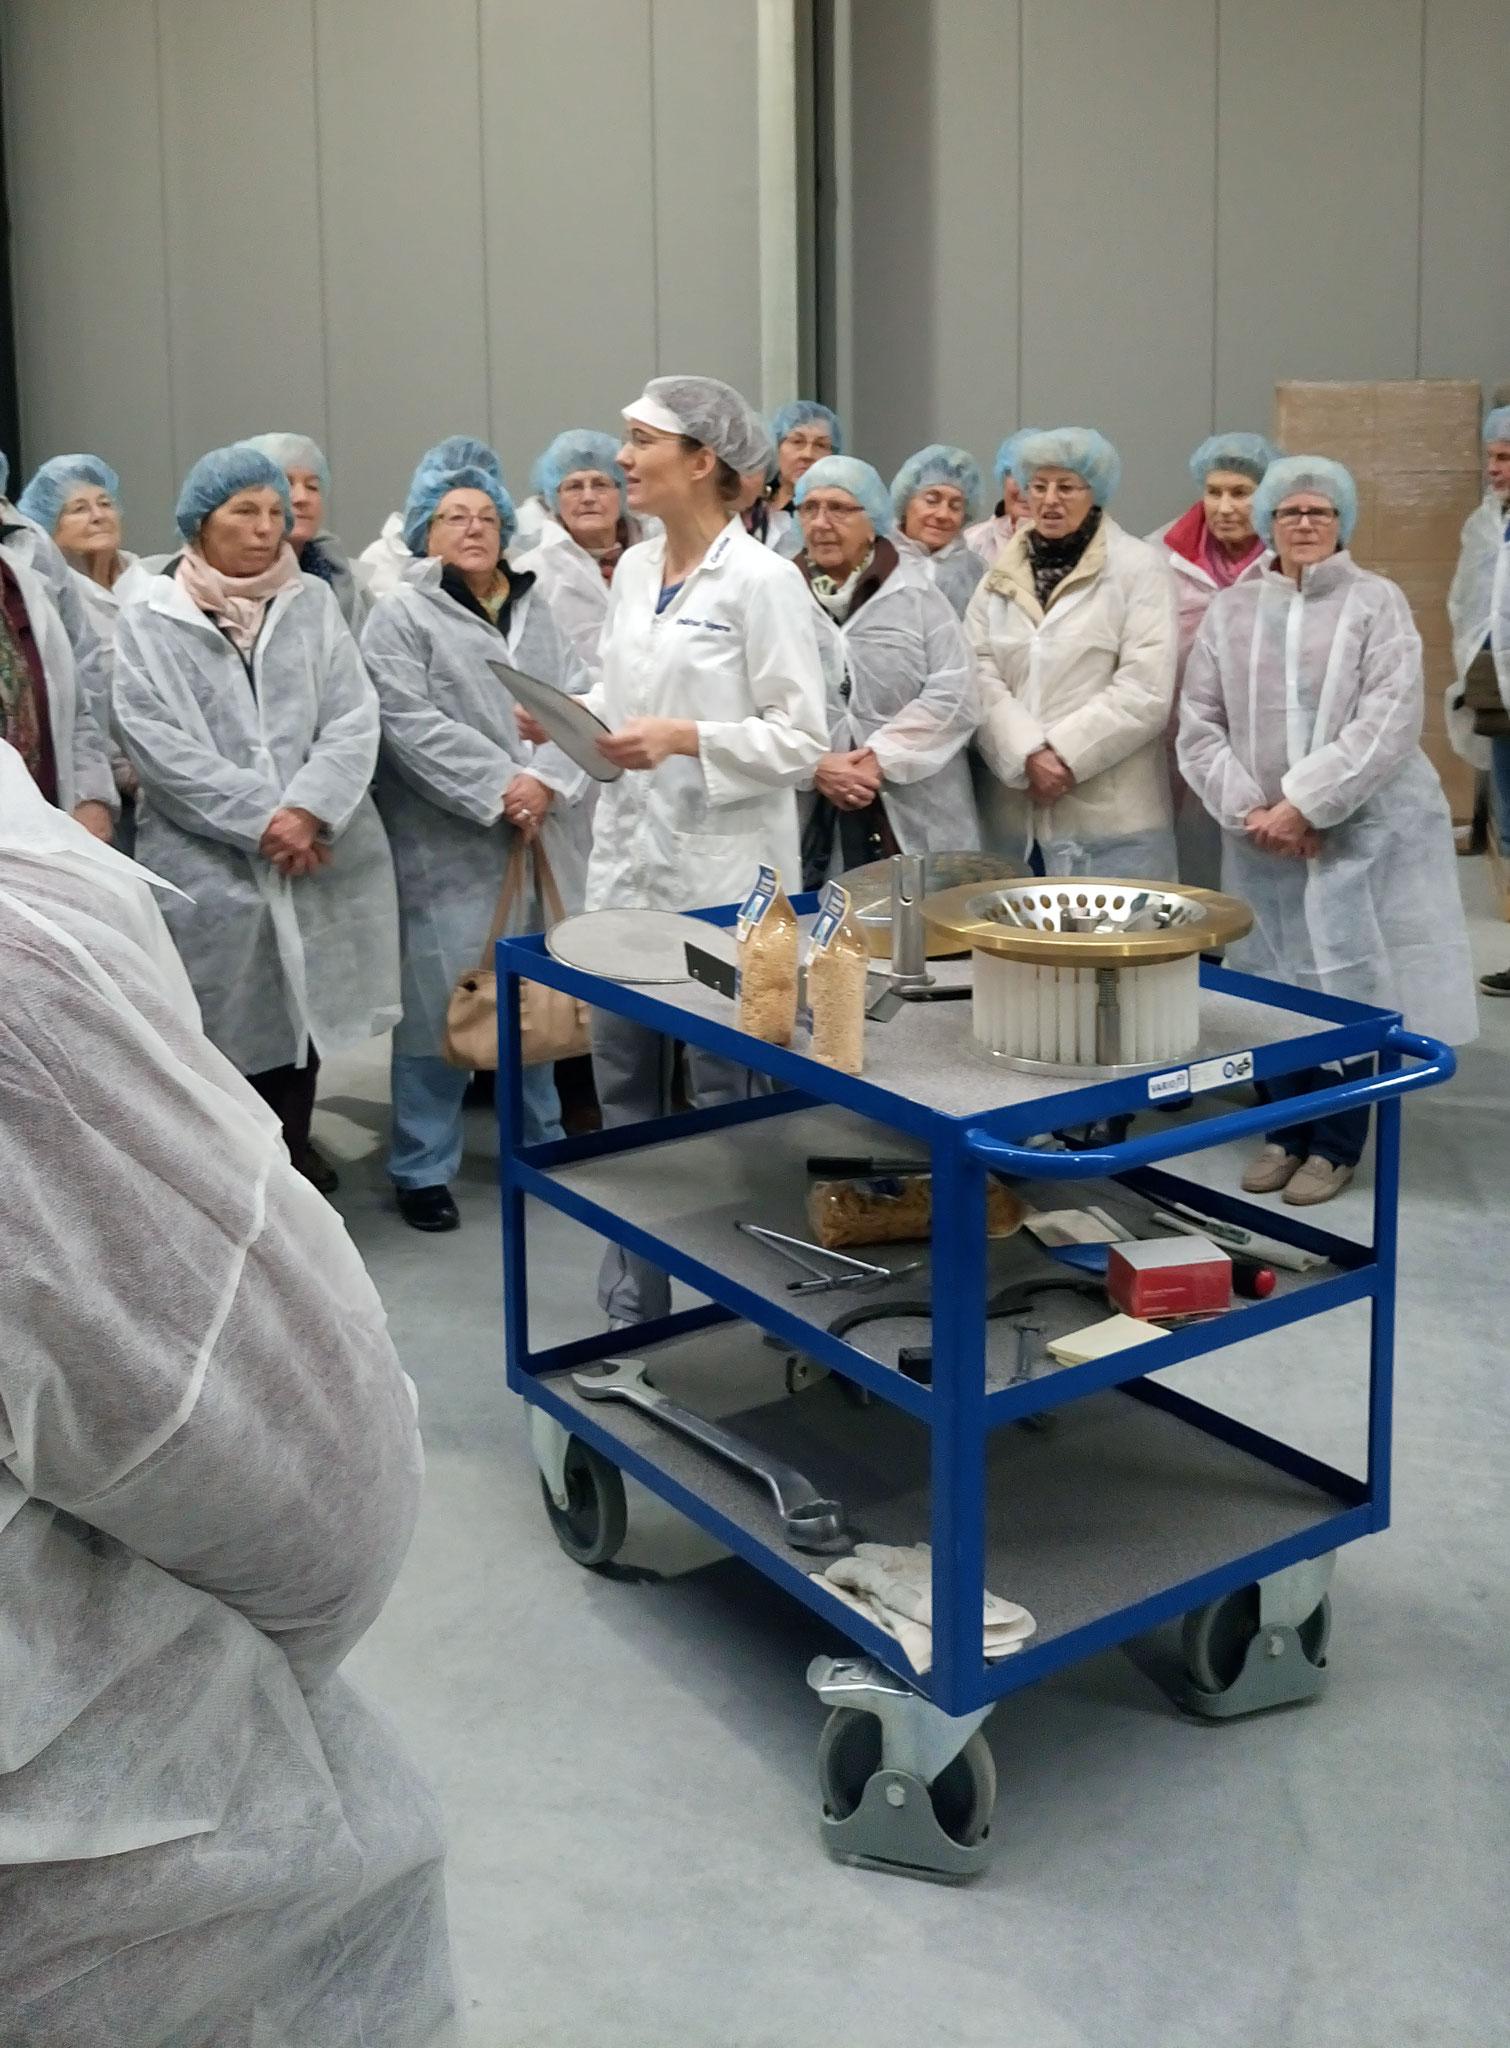 Frau Caroline Schnell erklärte uns anschaulich die Herstellung der hochwertigen Nudeln.